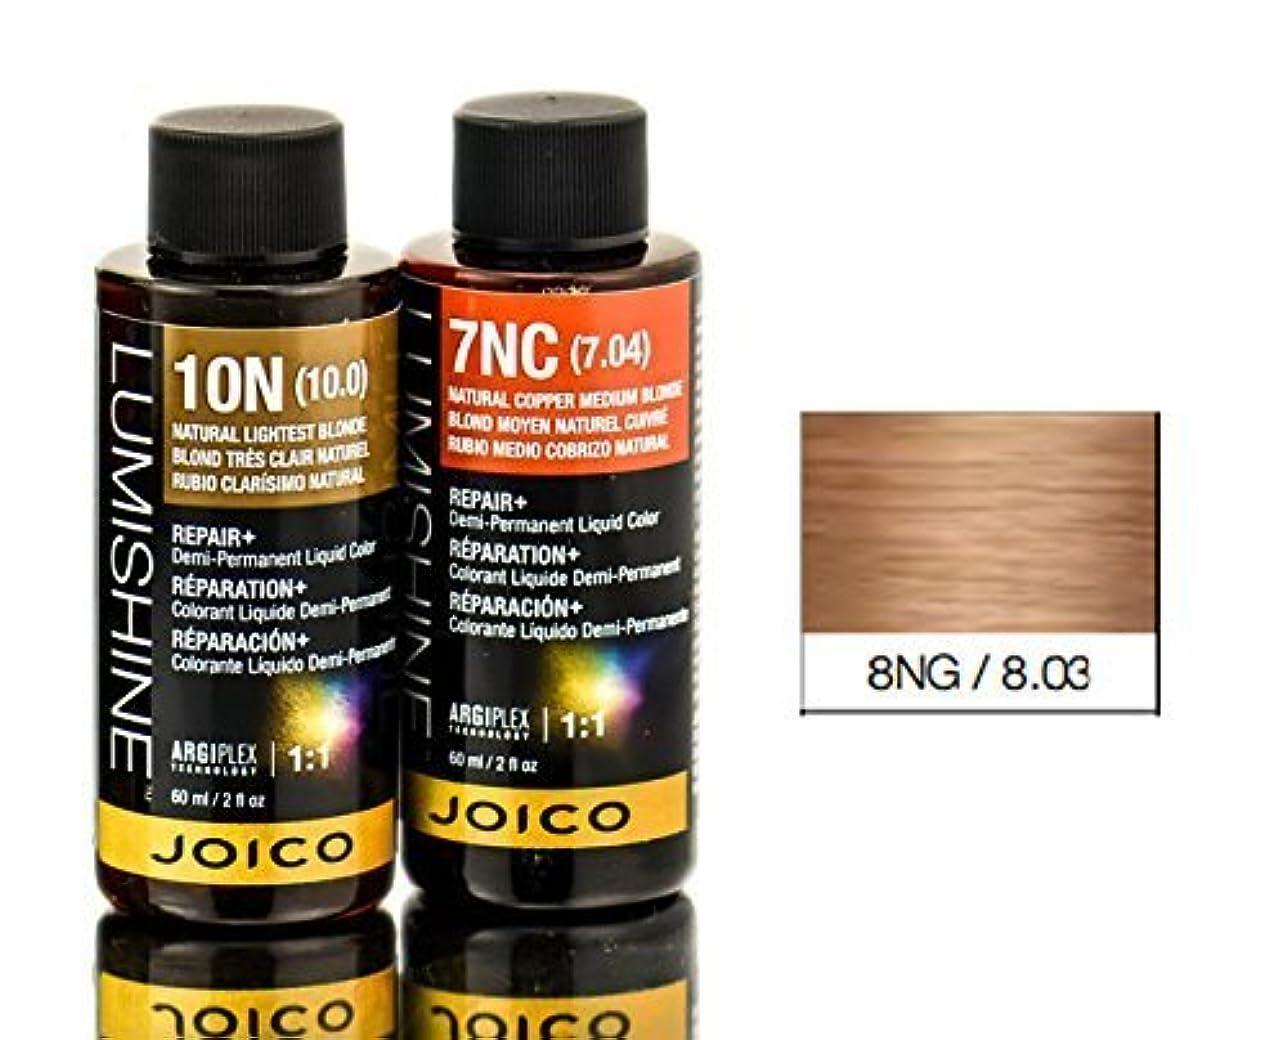 フェザーロンドン緩やかなJoico Lumishineデミパーマネント液体色、8ng / 8.03、 2オンス